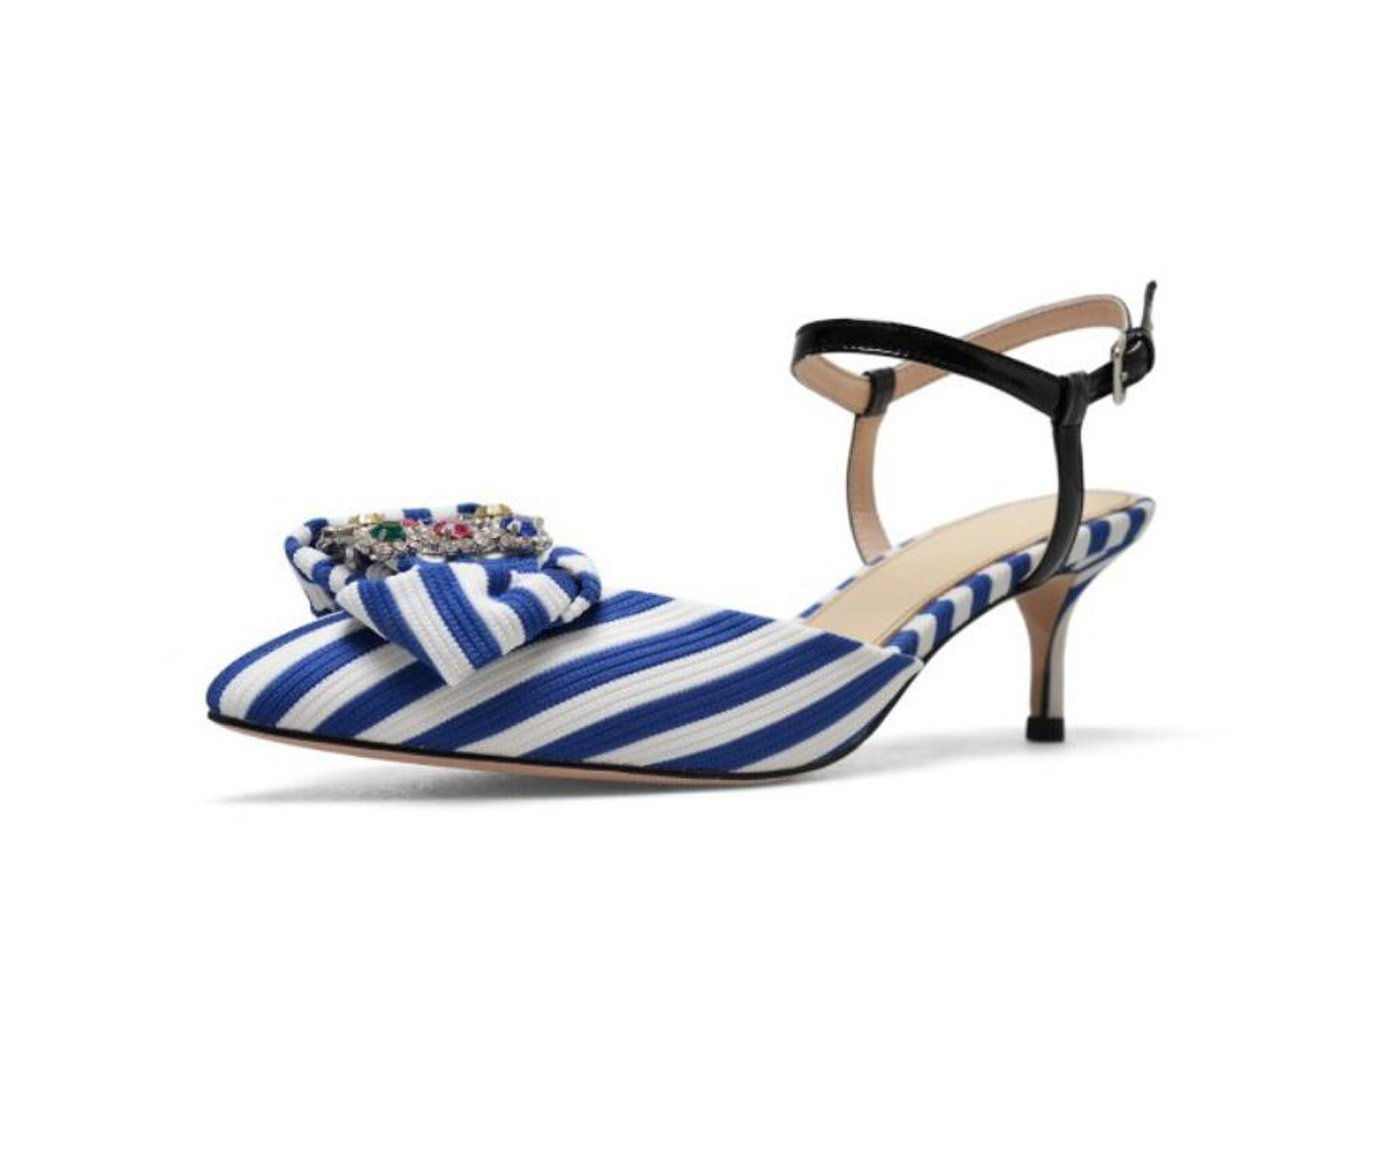 Zapatos de Mujer Summer Comfort Sandalias Zapatos para Caminar Tacón de Aguja Bowknot Punta Estrecha para Black Blue 34 EU